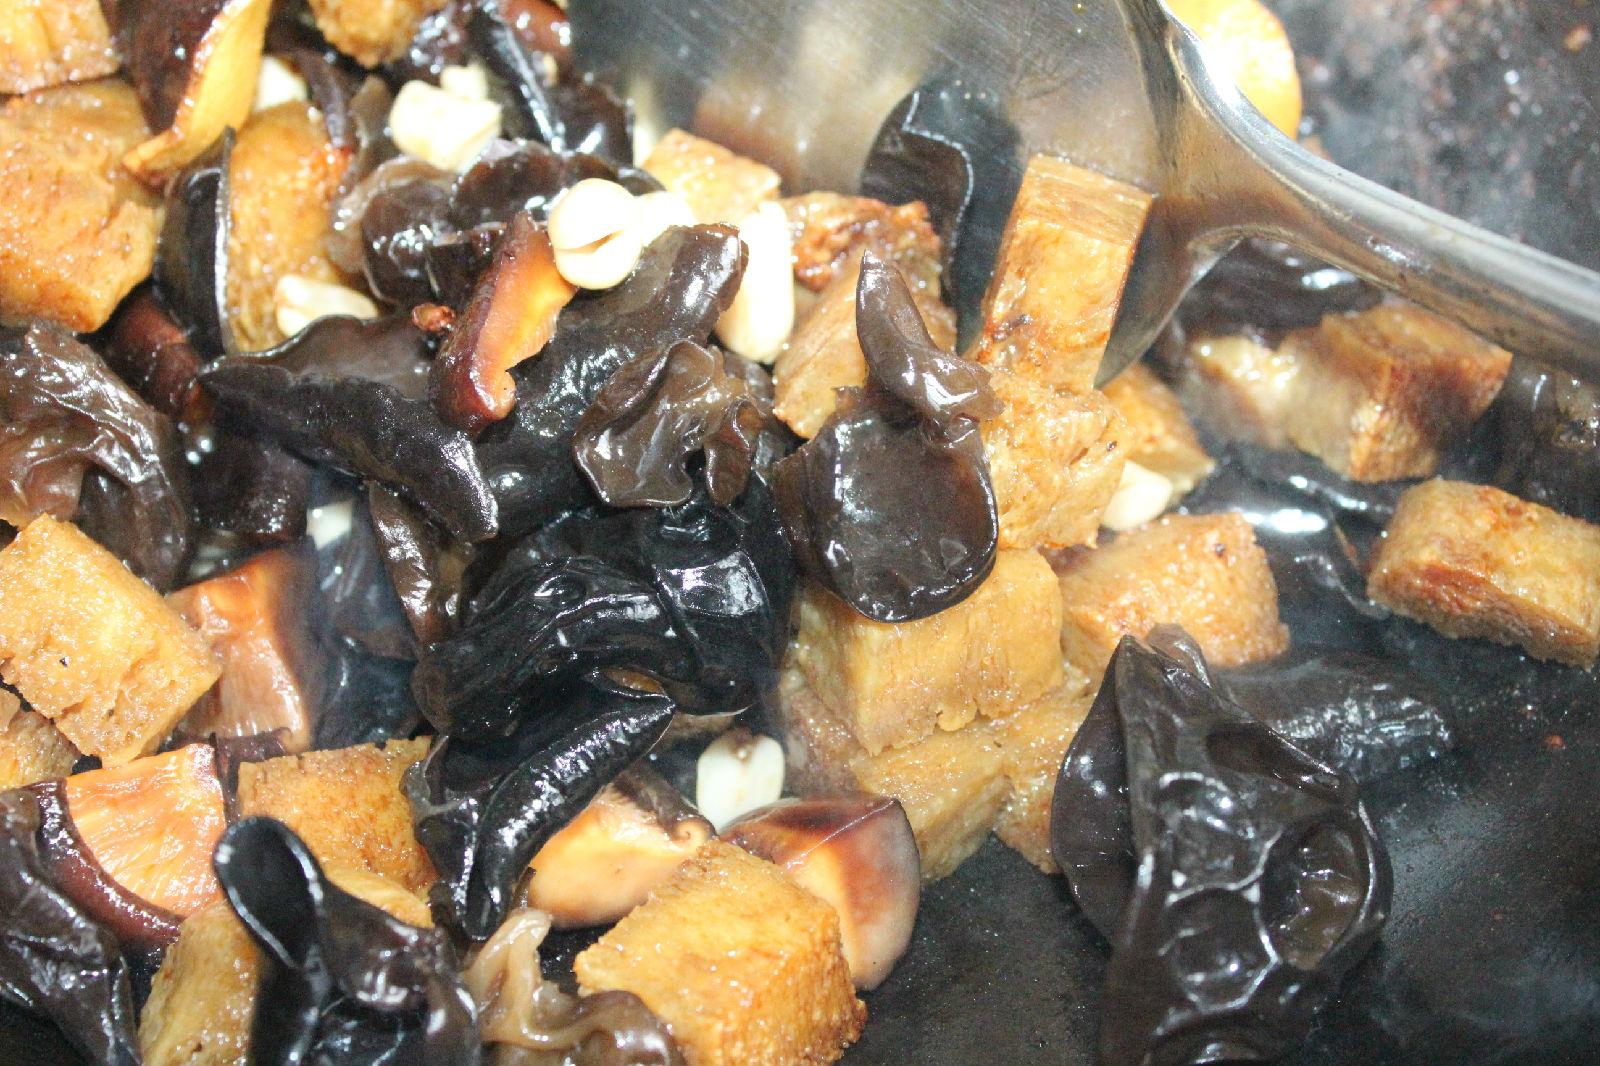 自製烤麩--上海小吃 四喜烤麩_甜雨的空間_百度空間